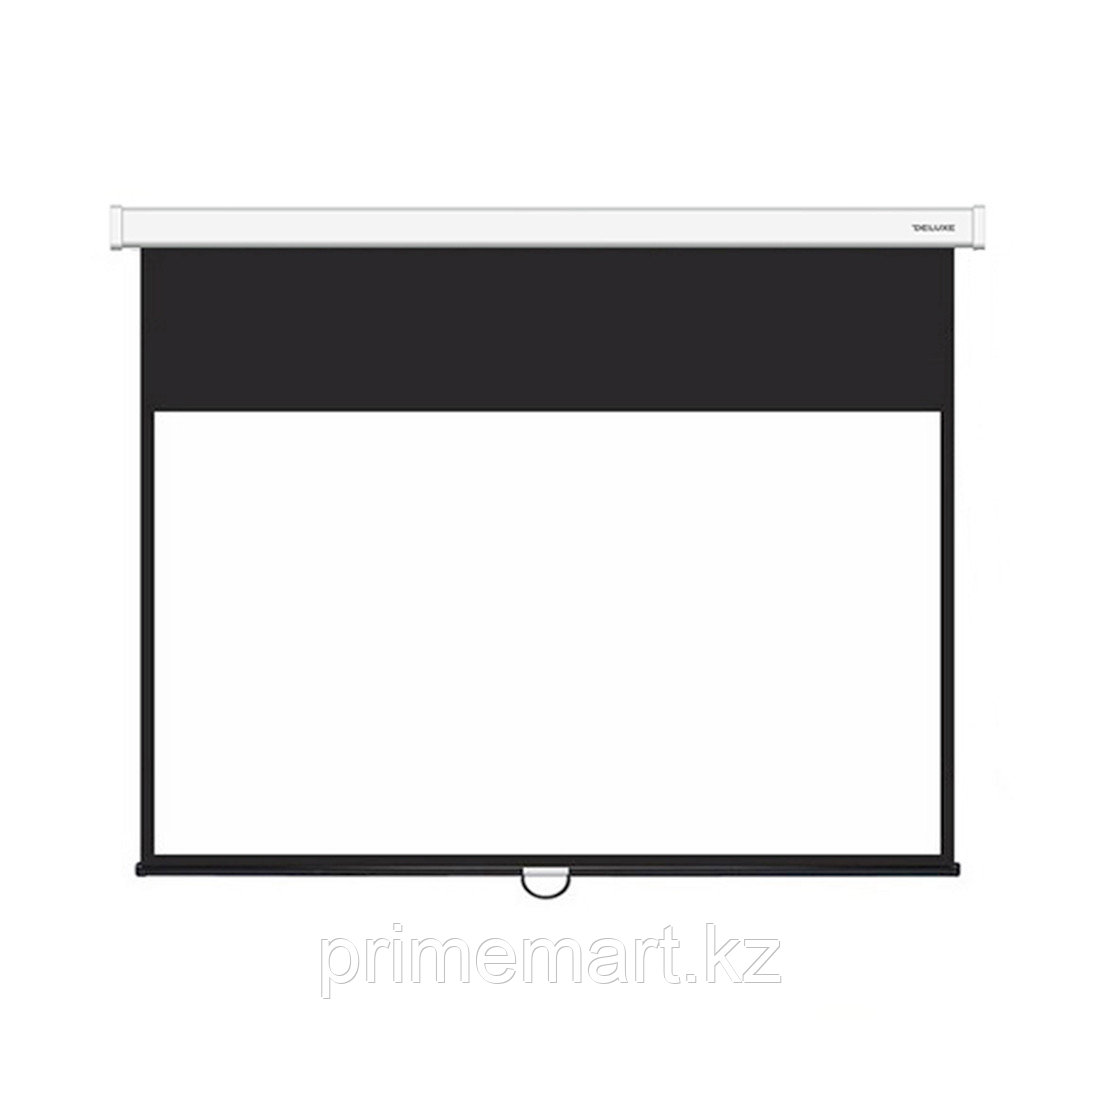 Экран механический, Deluxe,  Настенный/потолочный, Рабочая поверхность 266х150 см., 16:9, Matt white, Чёрный